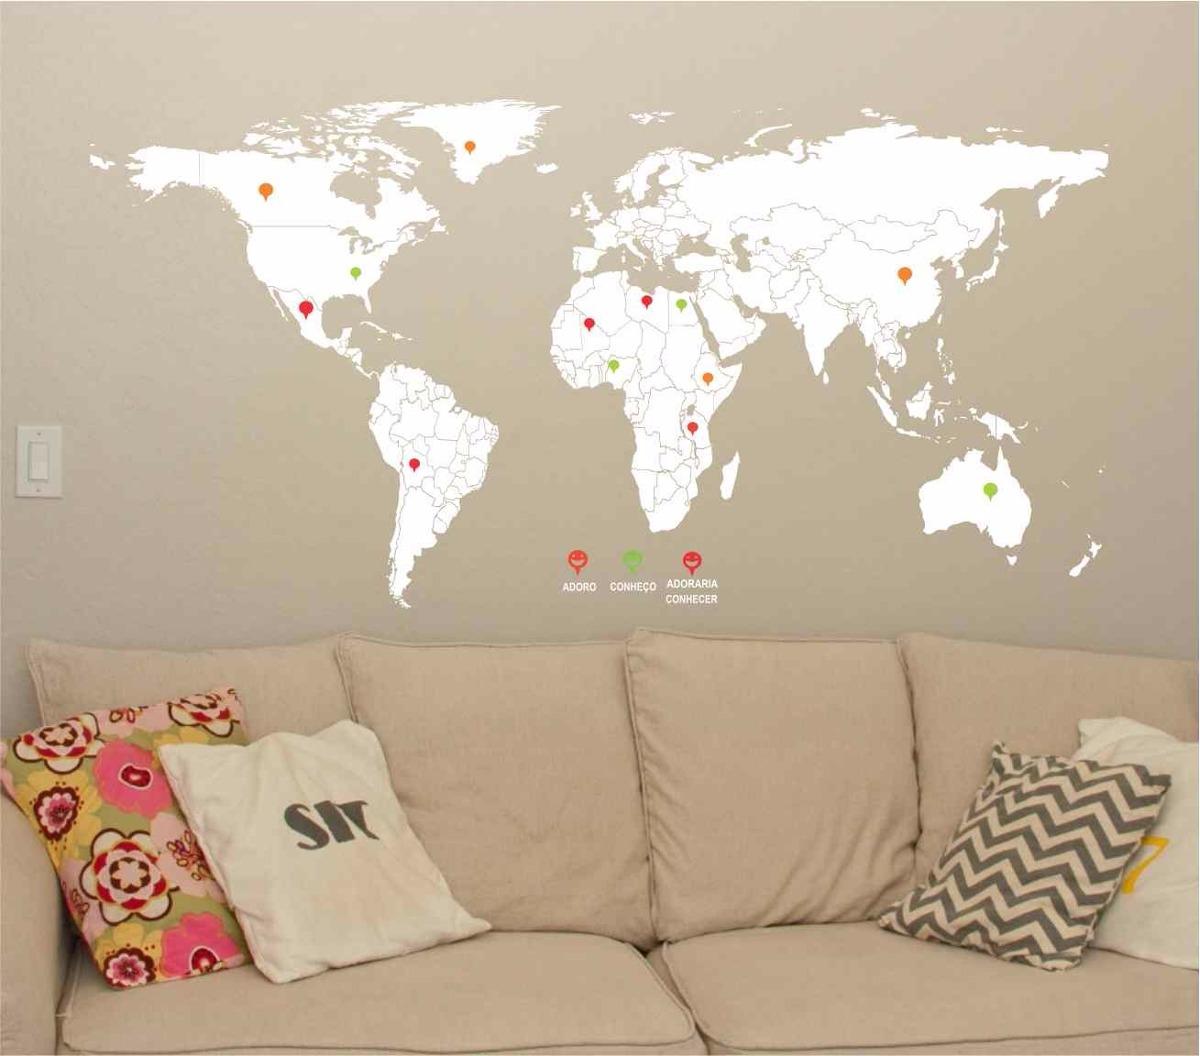 Adesivo De Parede Espelhado ~ Adesivo De Parede Mapa Mundi Gigante 2m X 1m Diversas